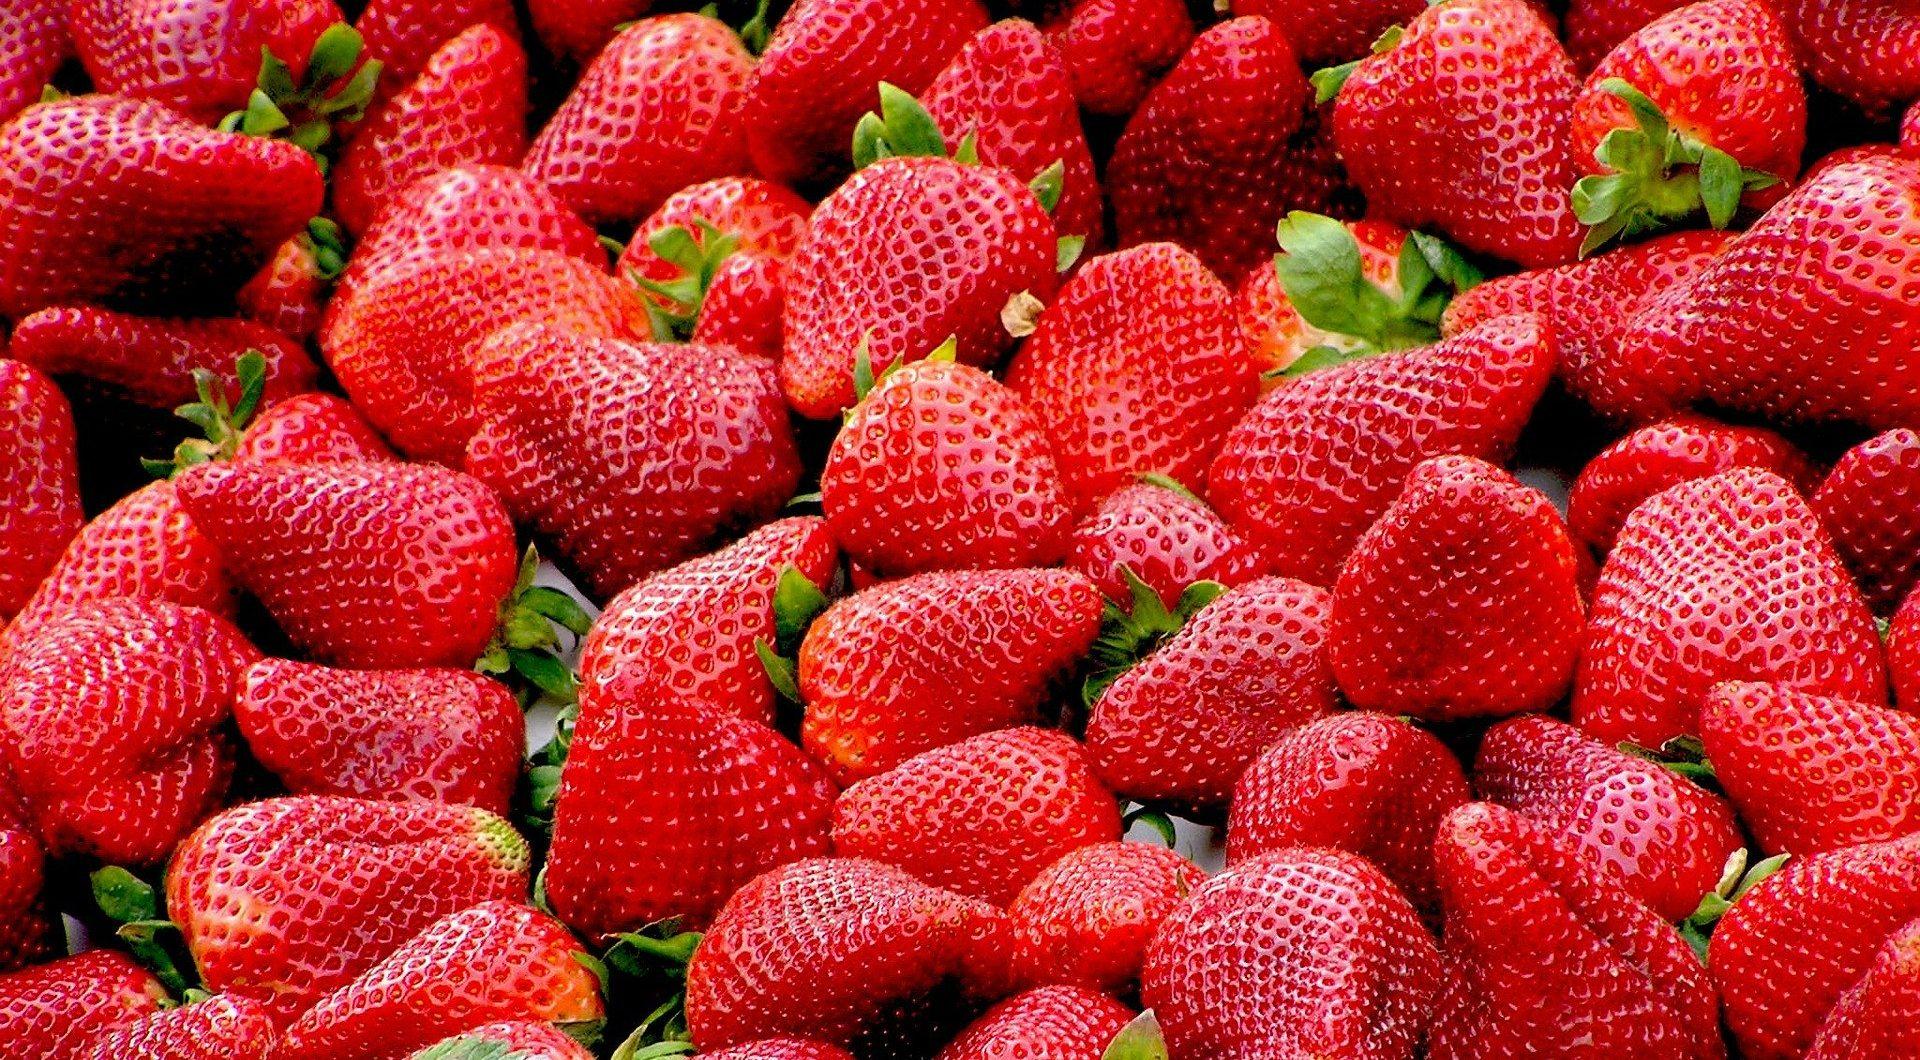 Las berries mexicanas buscan nuevos mercados ante retos del T-MEC y Covid-19